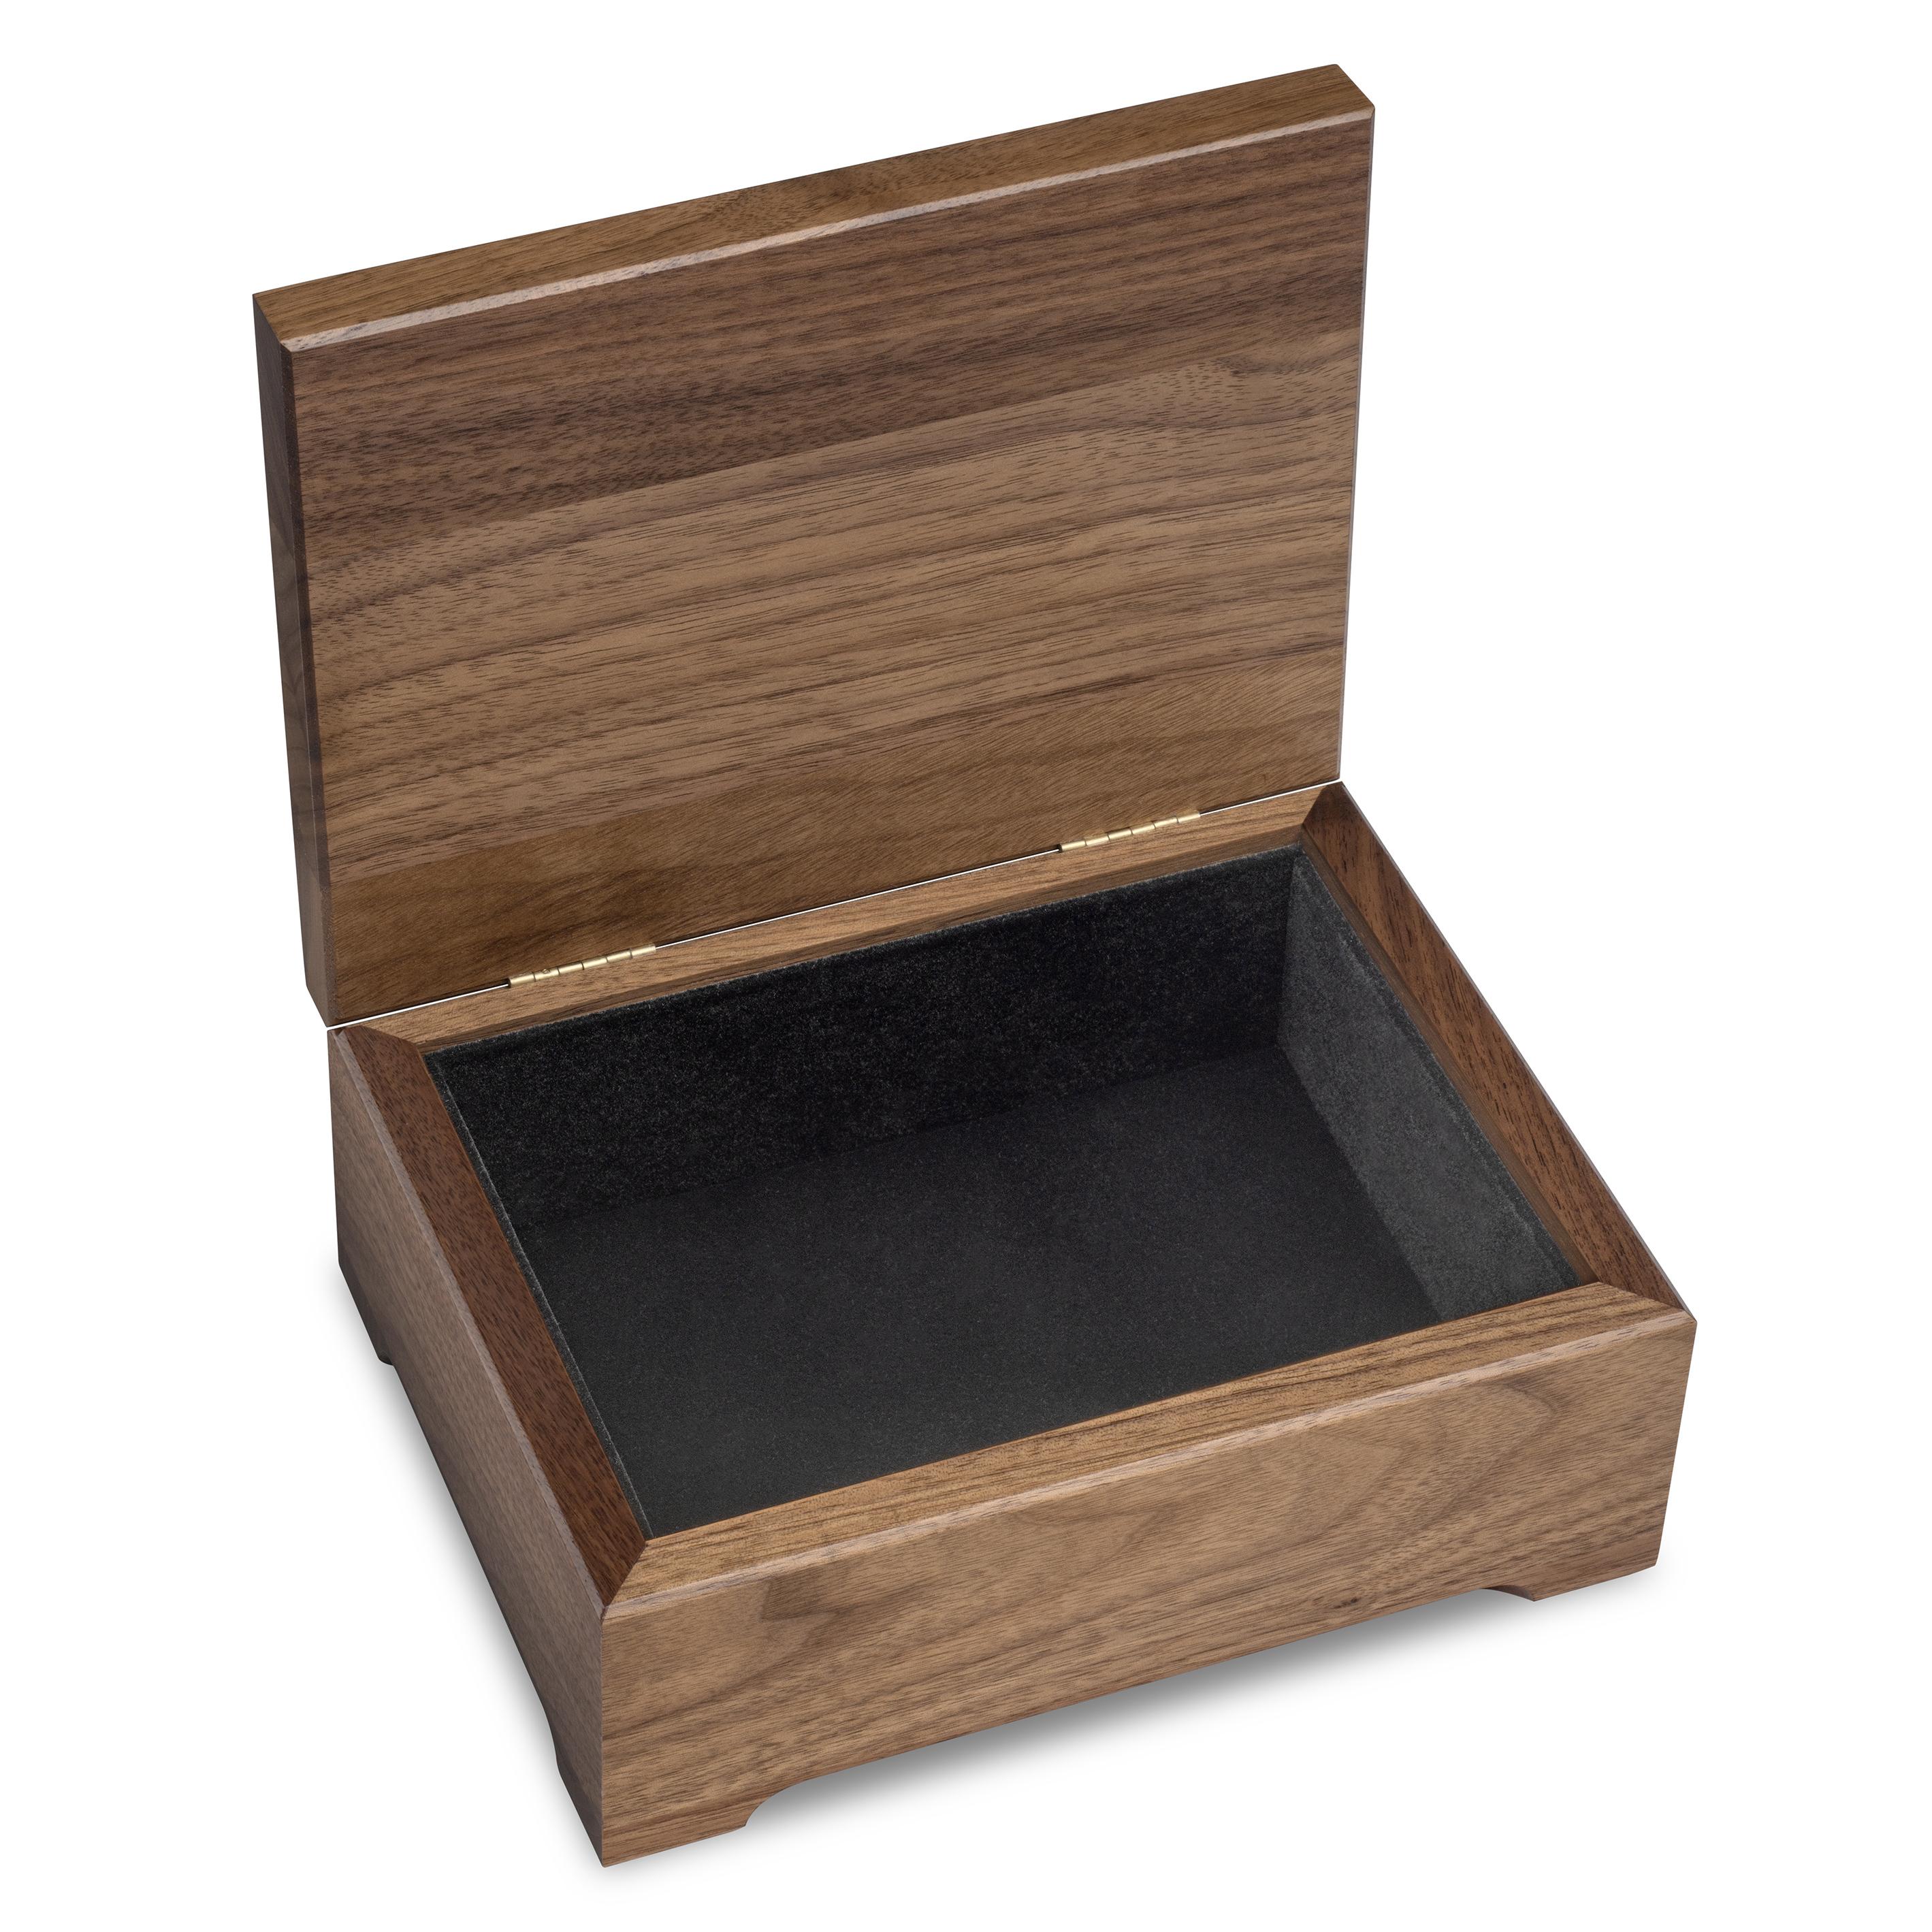 Syracuse University Solid Walnut Desk Box - Image 2